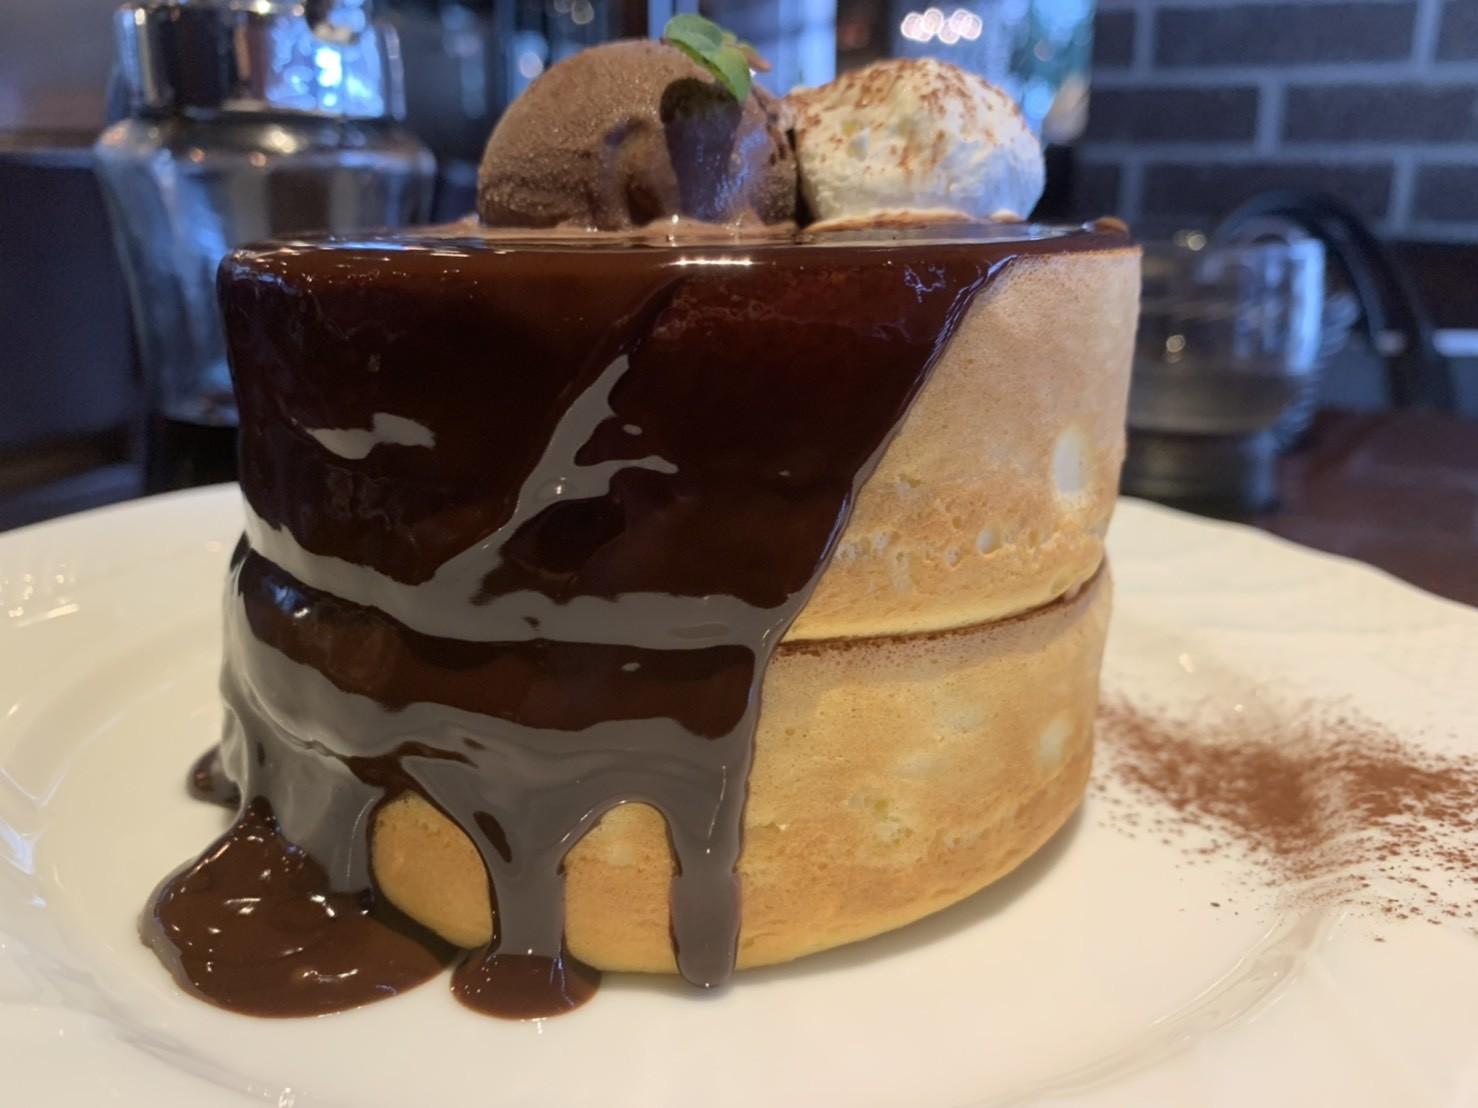 星乃珈琲店の生チョコレートスフレパンケーキのアップ